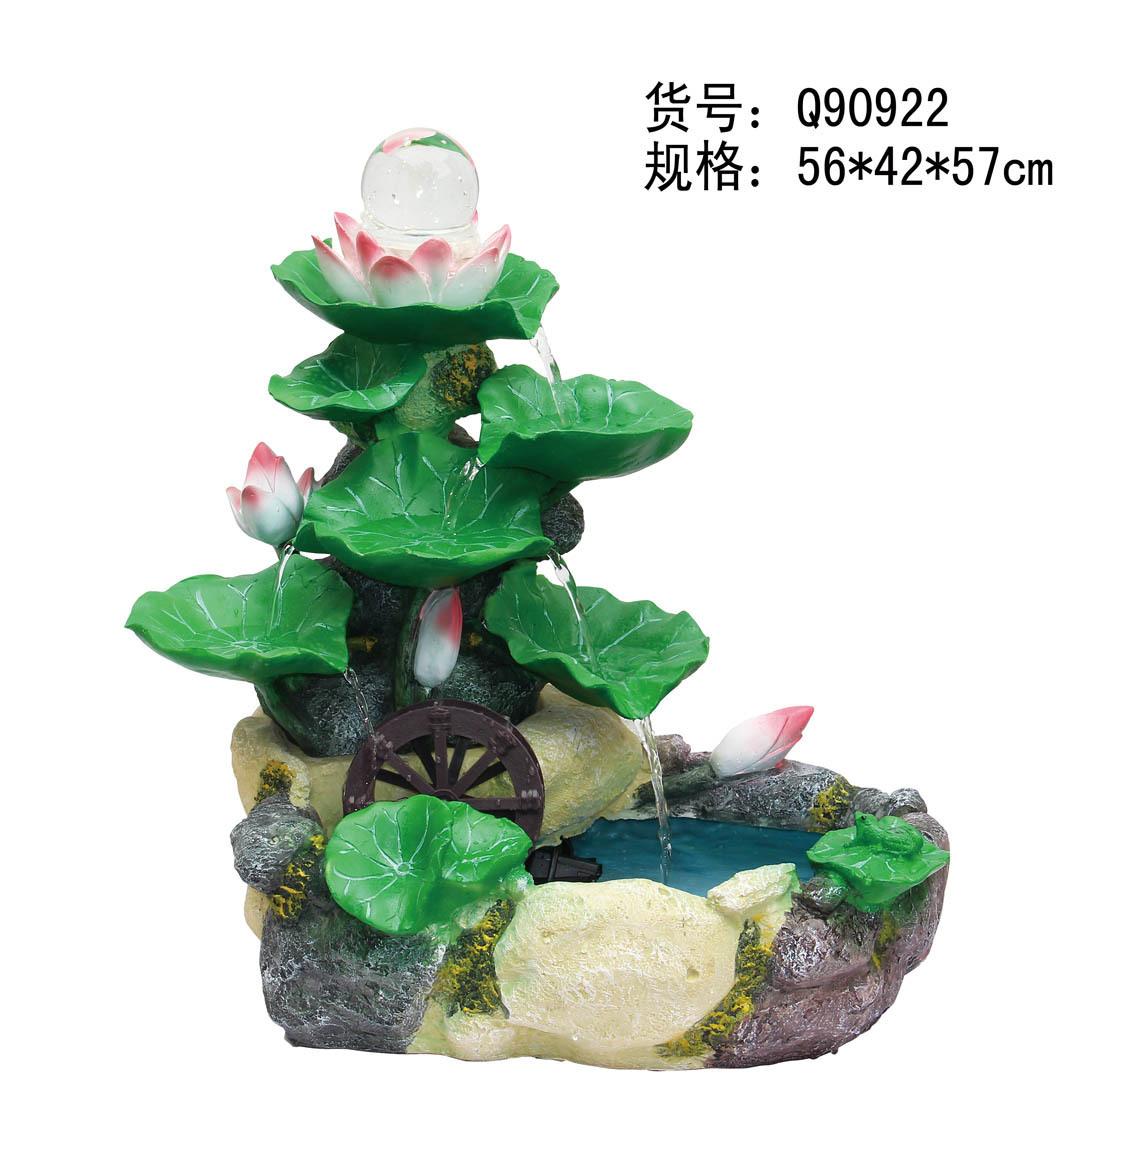 中国风荷趣树脂流水喷泉鱼缸风水轮摆件时尚家居结婚送礼佳品